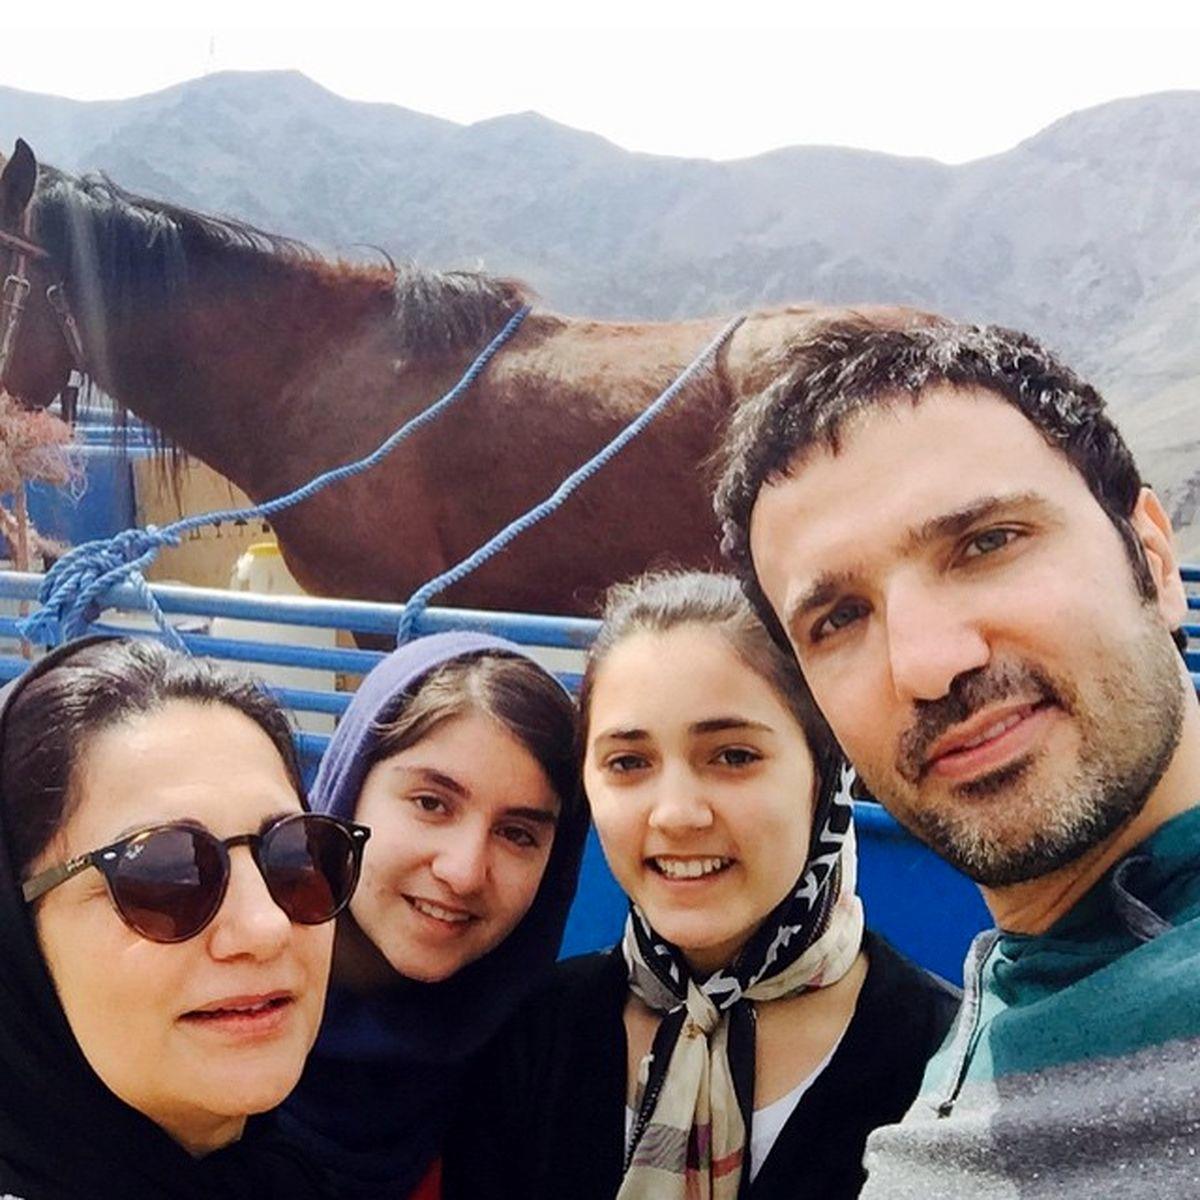 محمدرضا فروتن از همسر و فرزندش رونمایی کرد +تصاویر